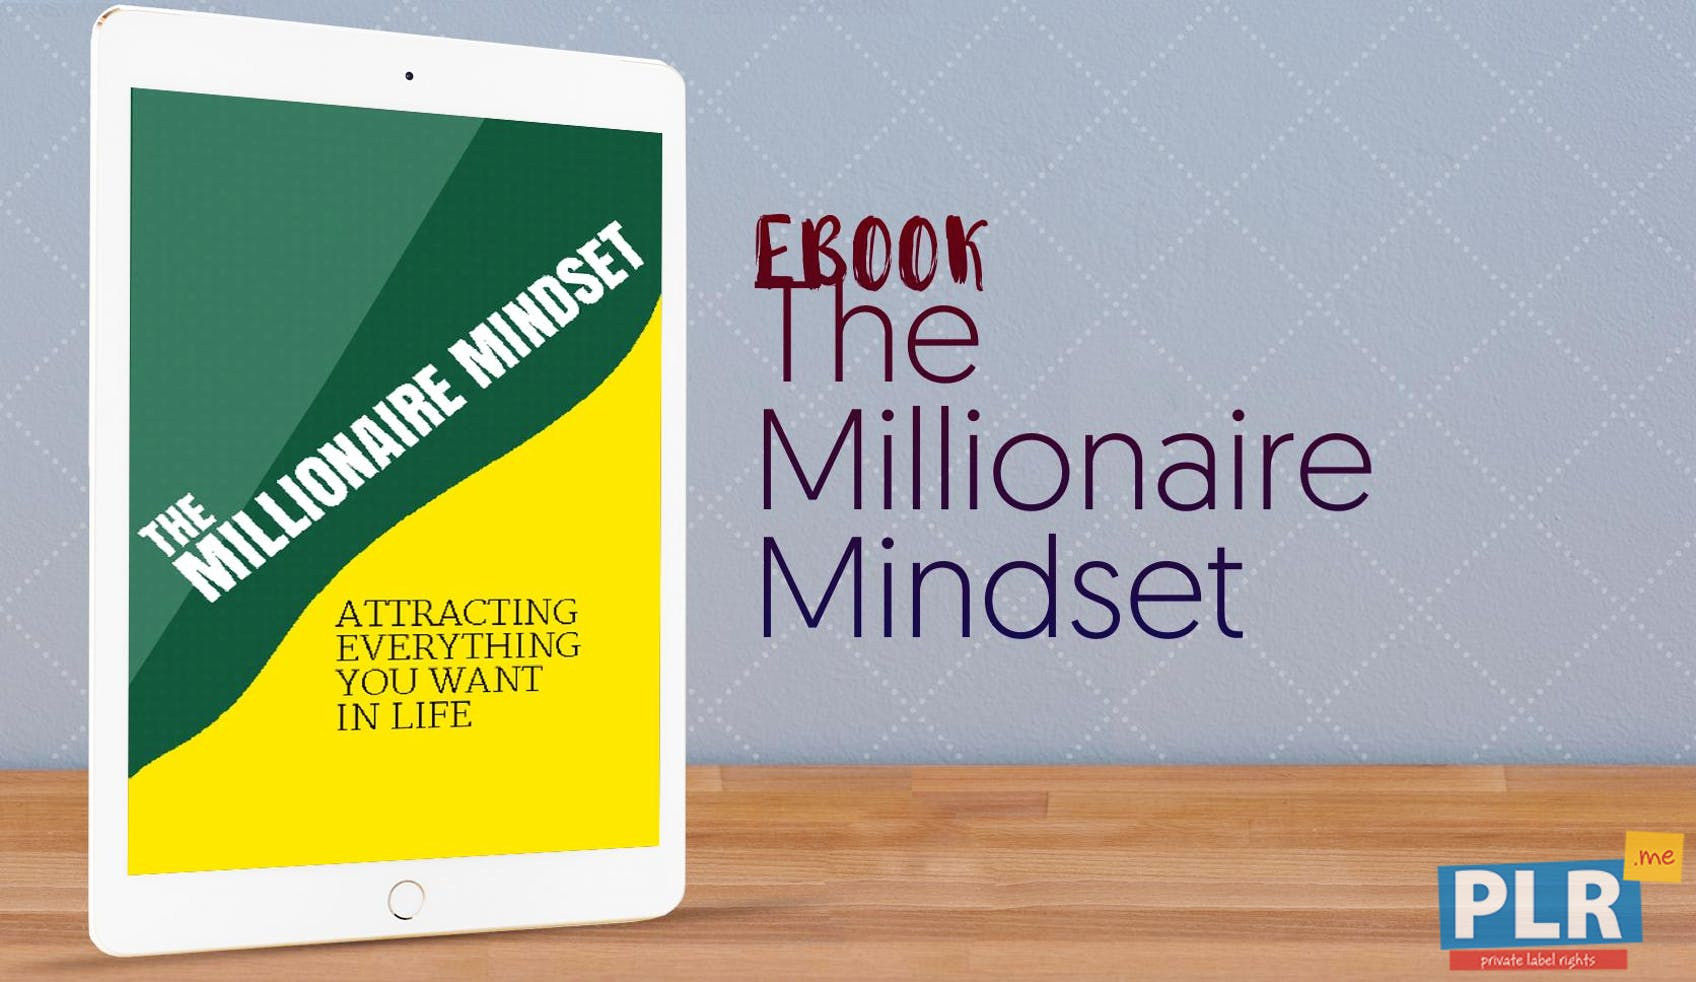 The Millionaire Mindset